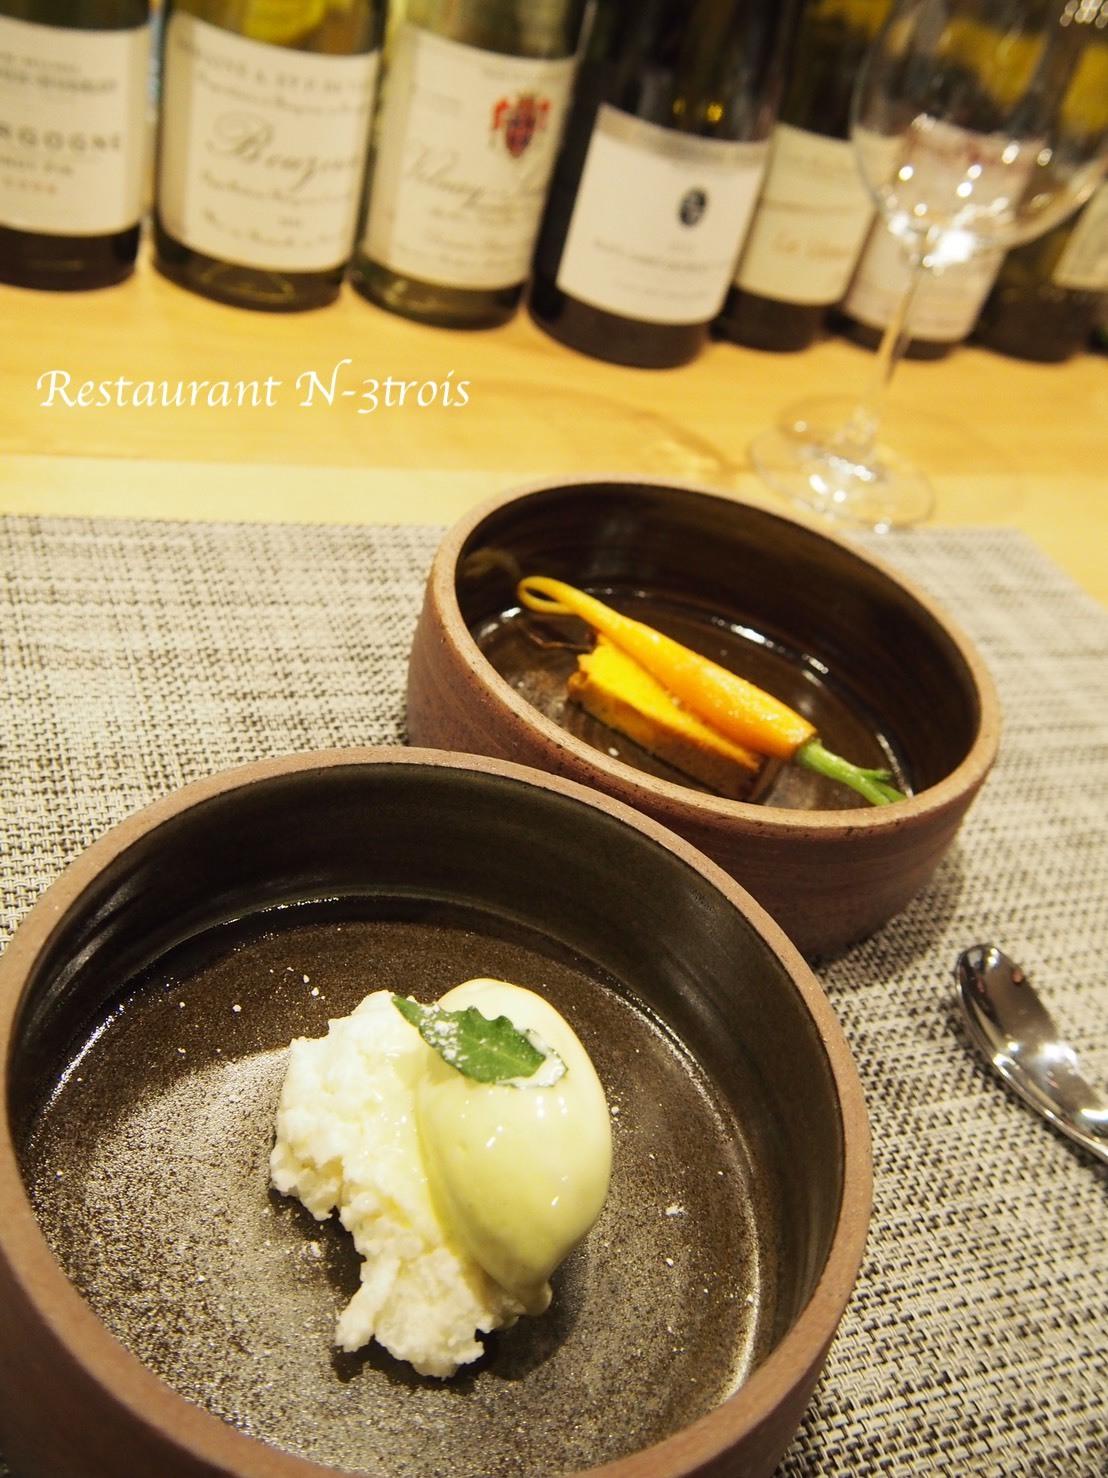 2人のシェフのコラボディナーinレストラン・エヌトロワ La collaboration de deux chefs au restaurant N-3trois_e0243221_04155953.jpg